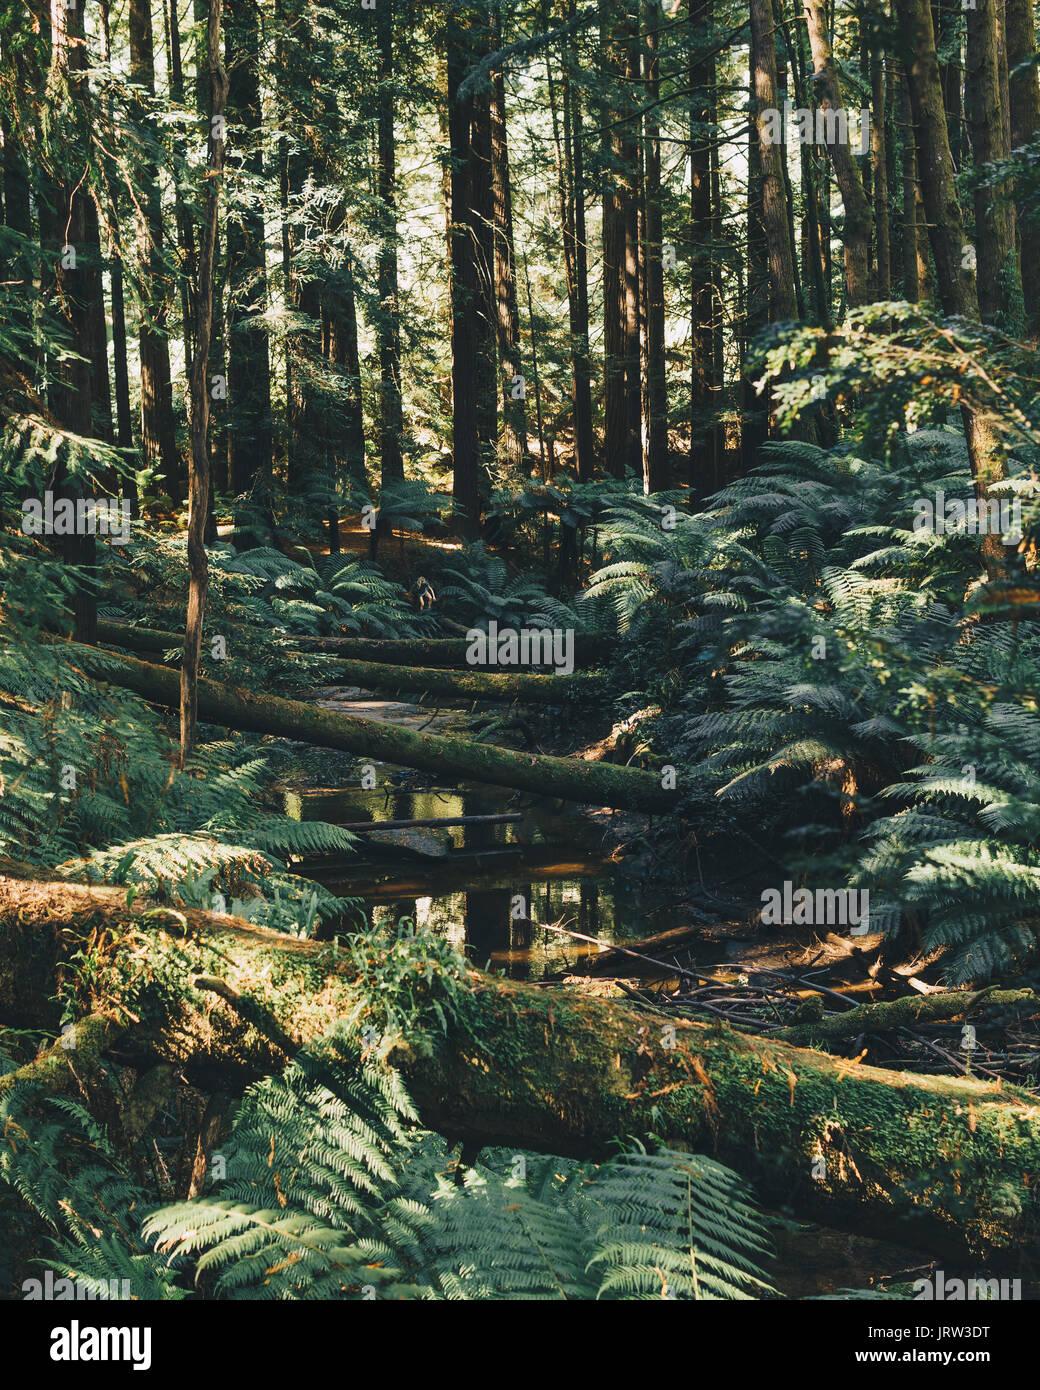 Los hermosos bosques de secoyas en el Otways bañarse en la impresionante luz cálida tarde con helechos y un arroyo. Foto de stock